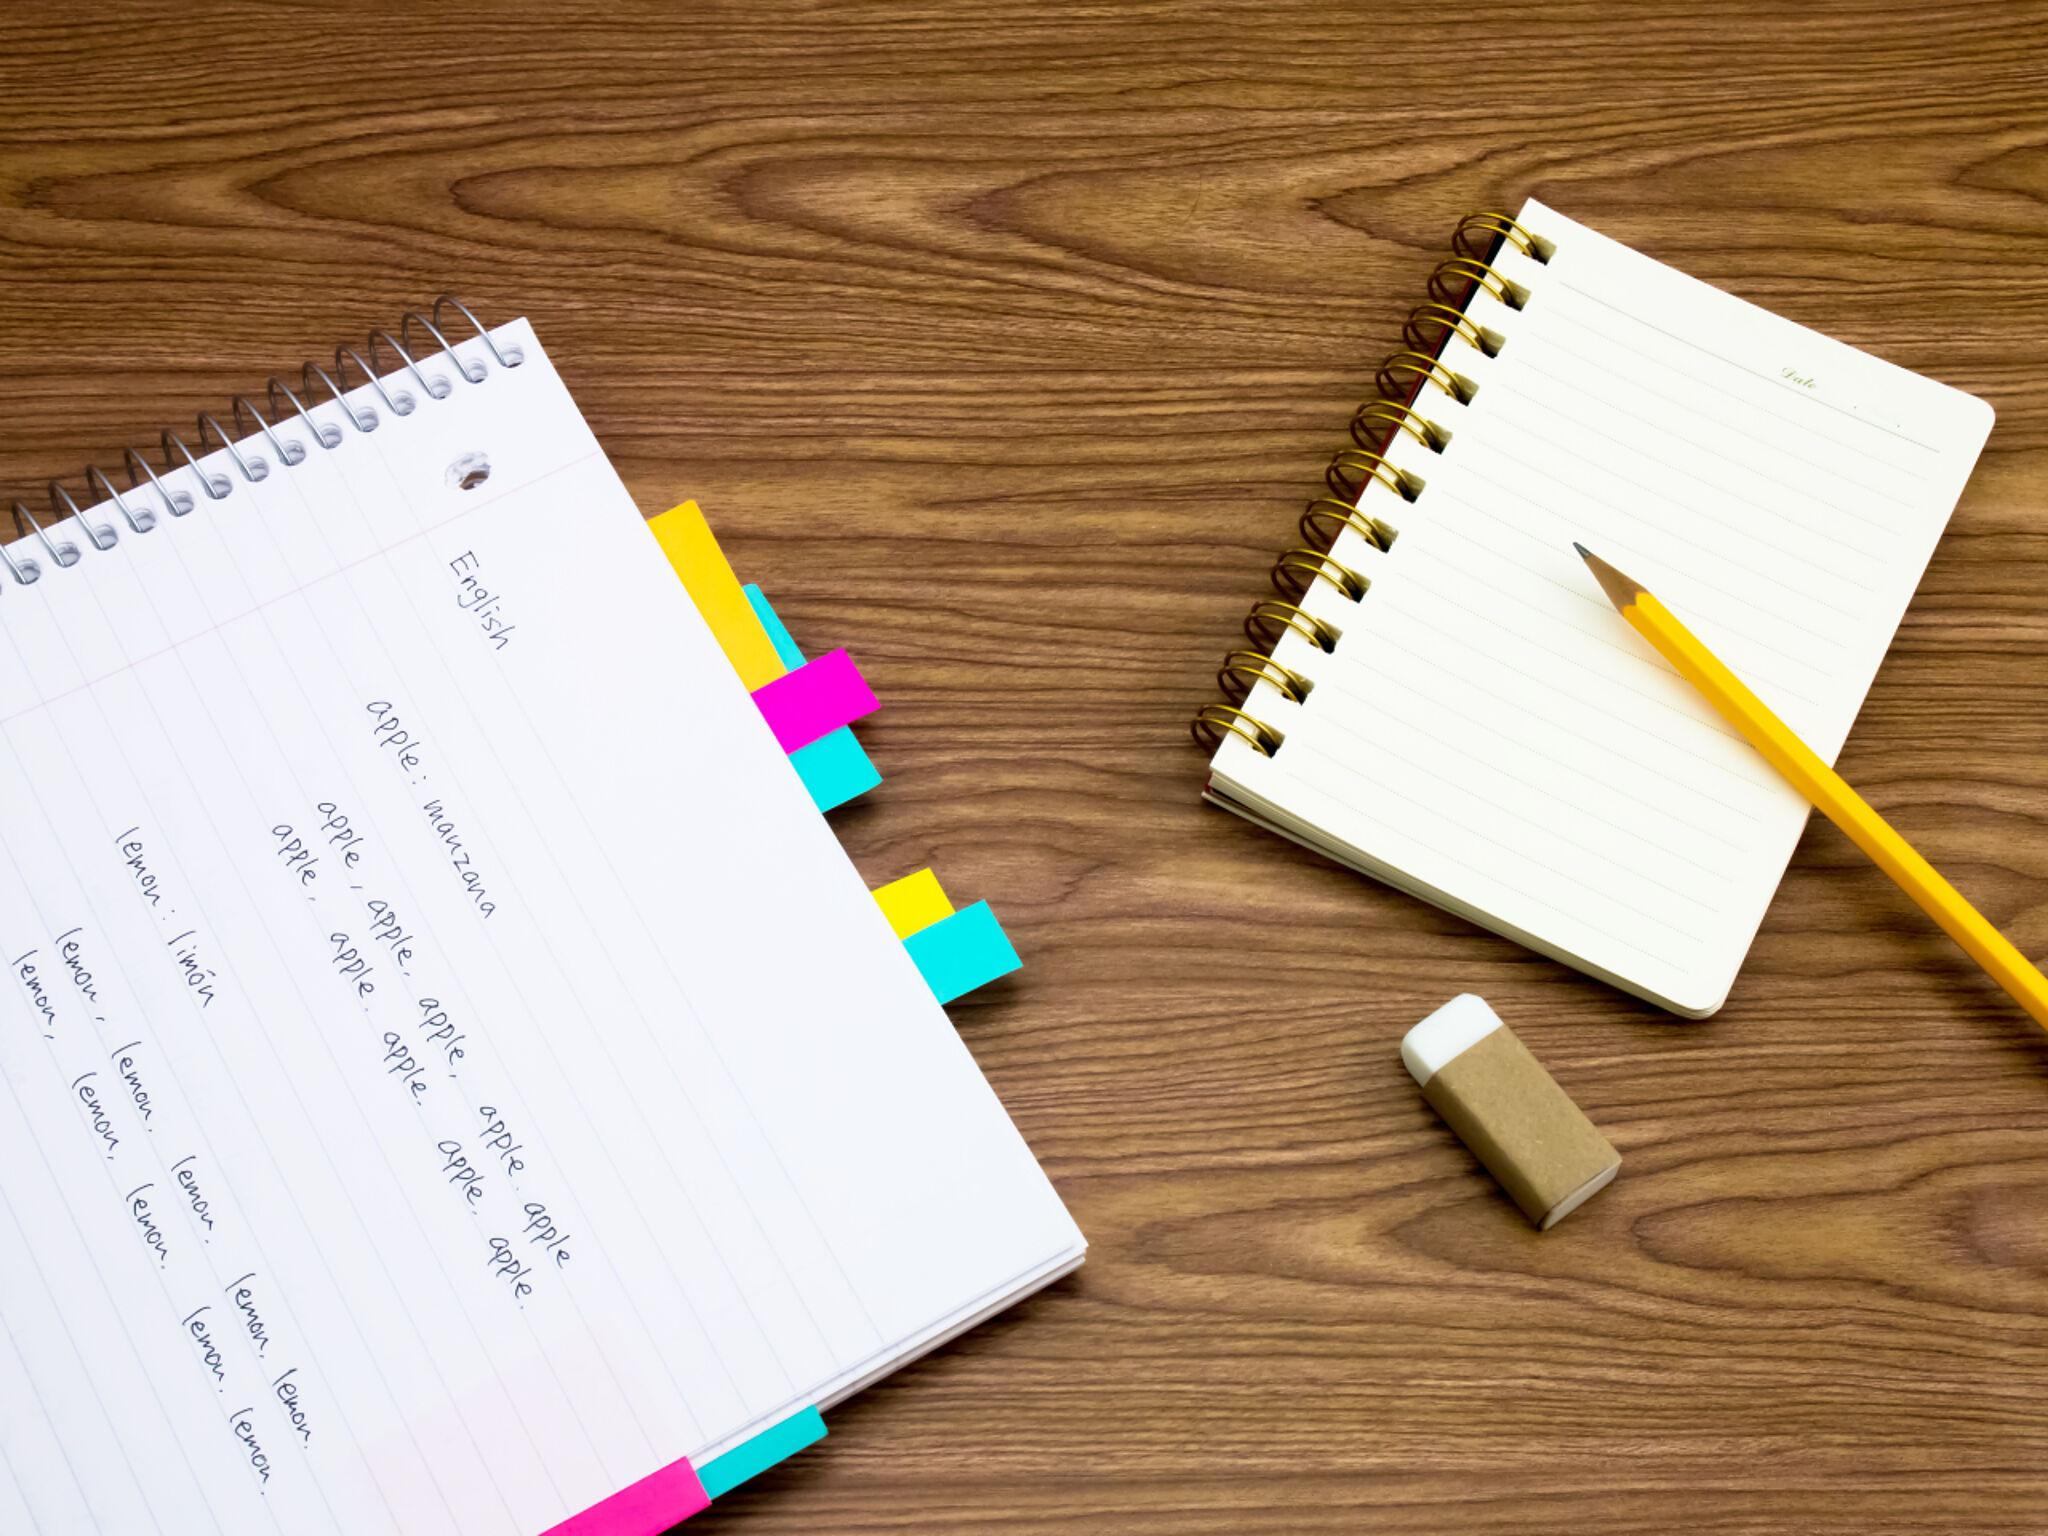 英語のノートと鉛筆、消しゴムの画像